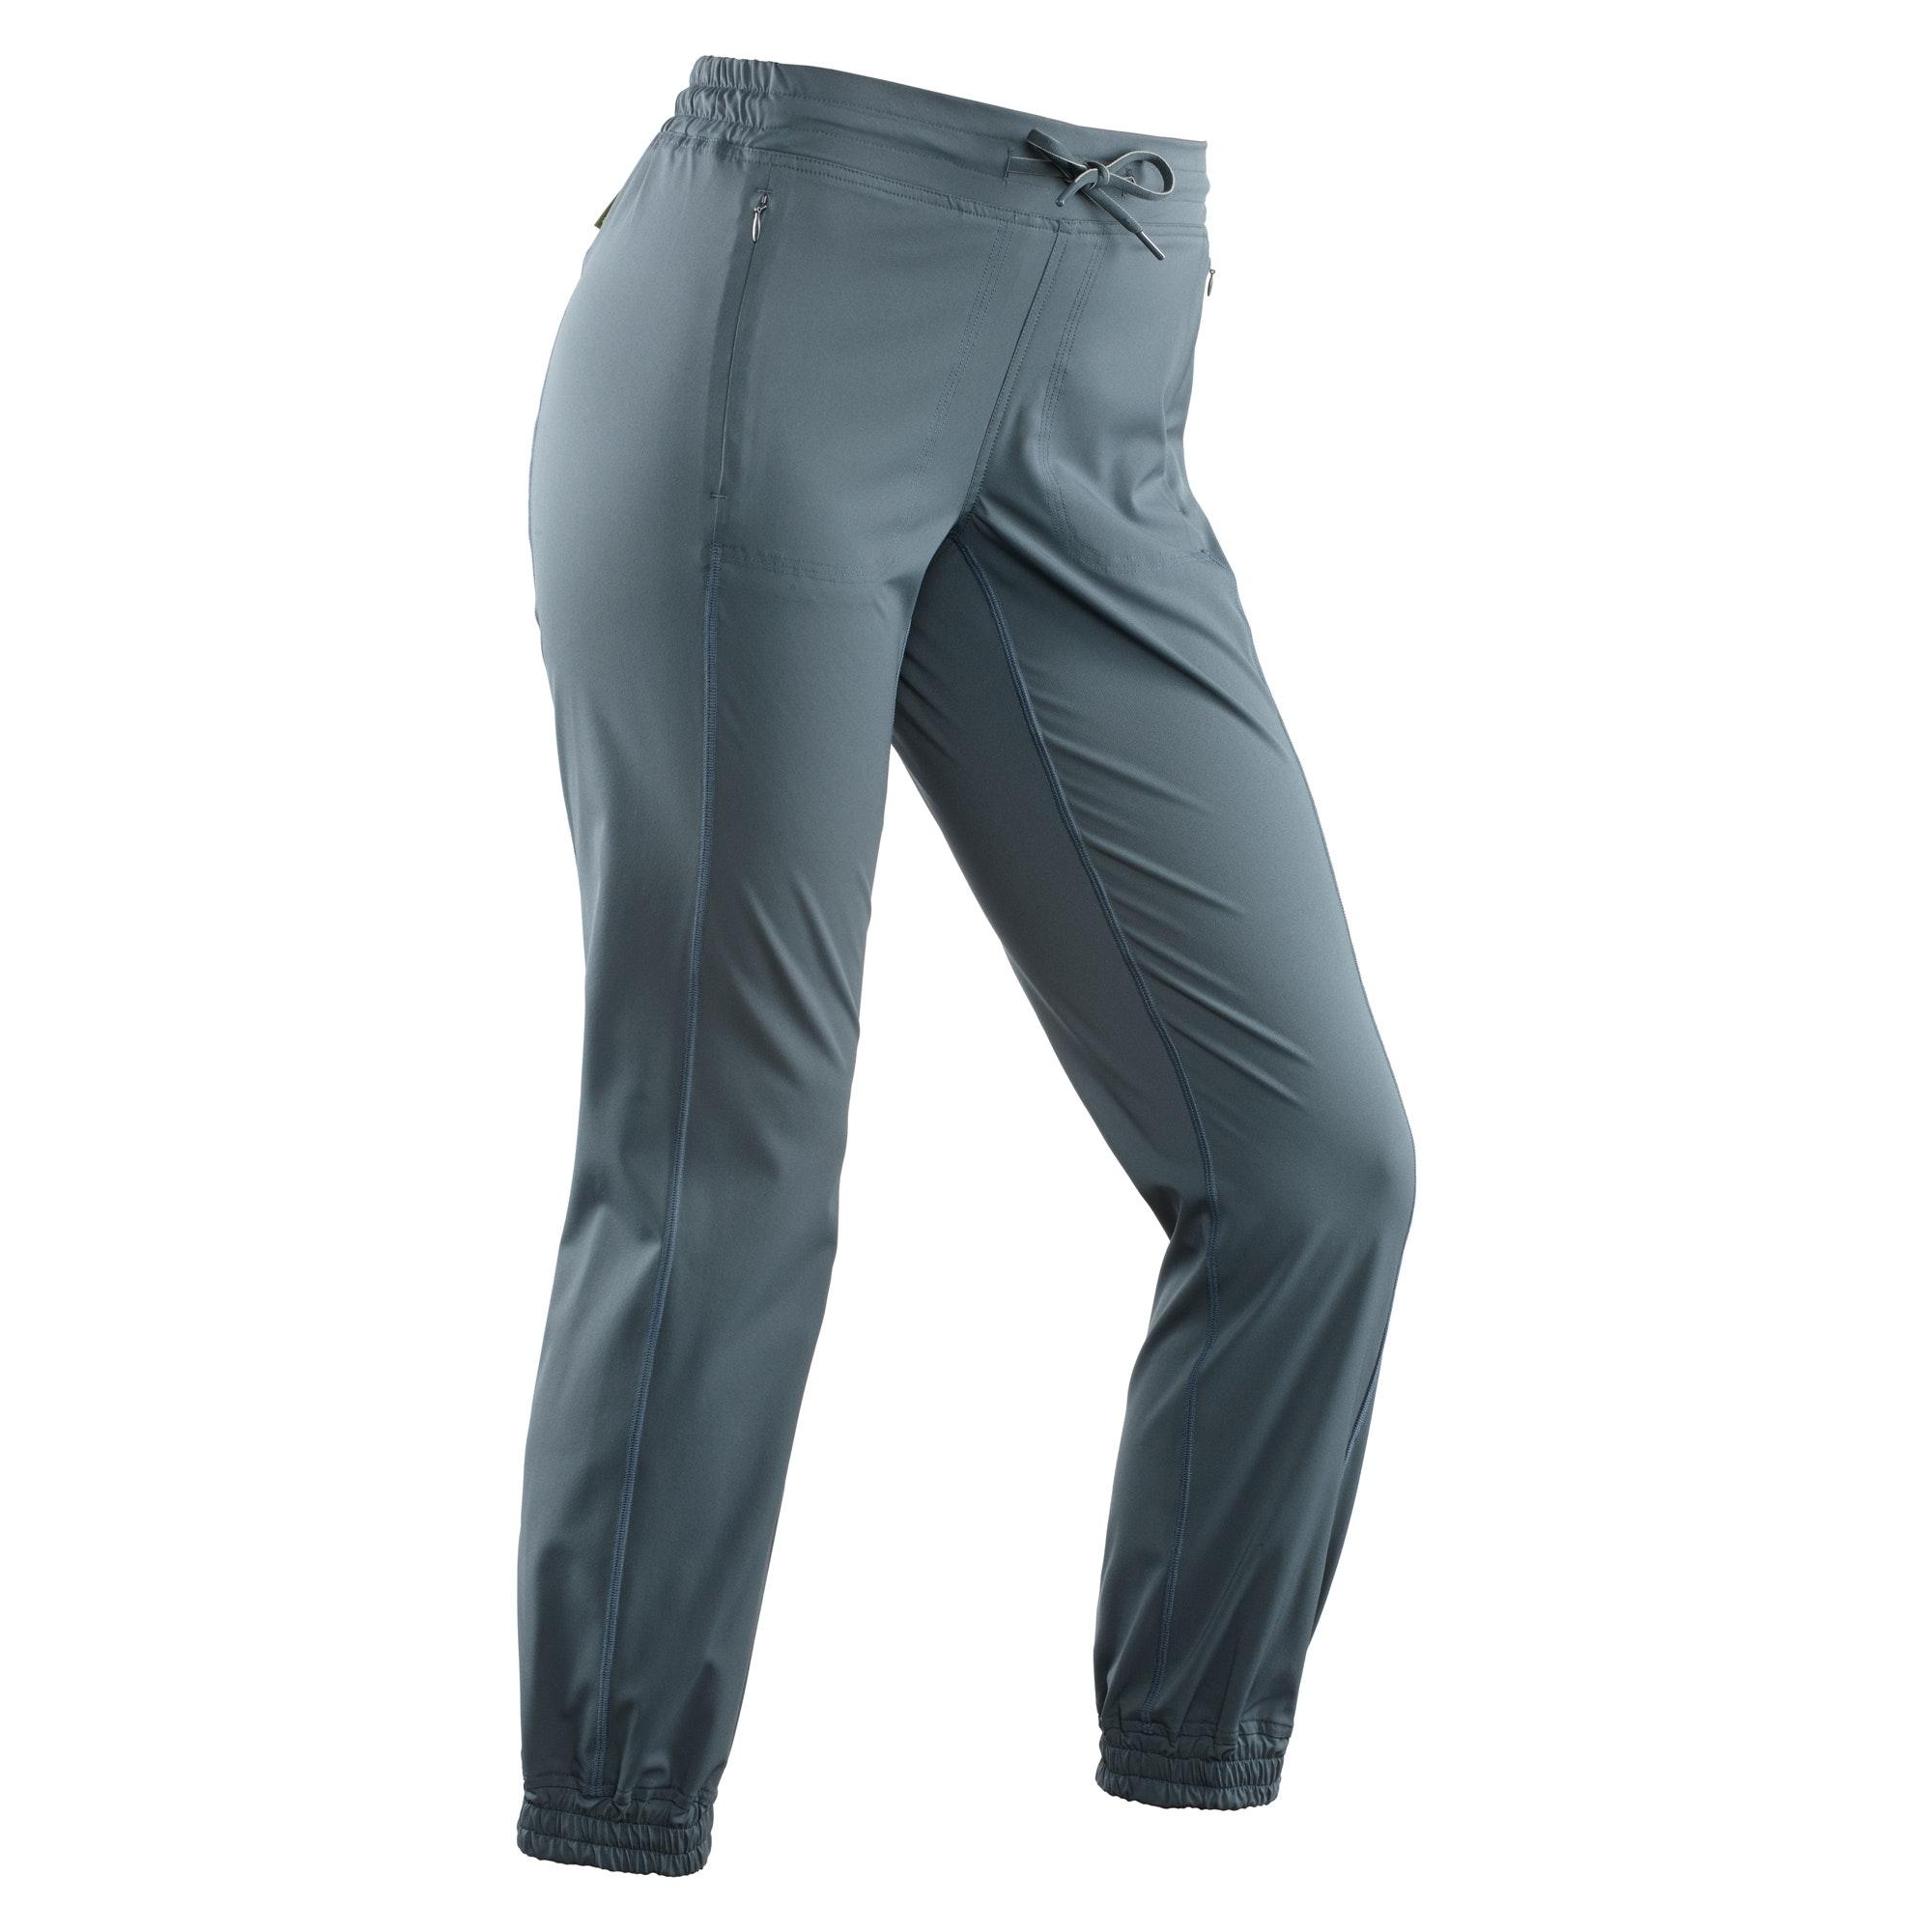 bottoms comfortable acetshirt ladies pants and womens pyjamas fleece comforter sleepwear fpwsggg amp stylish